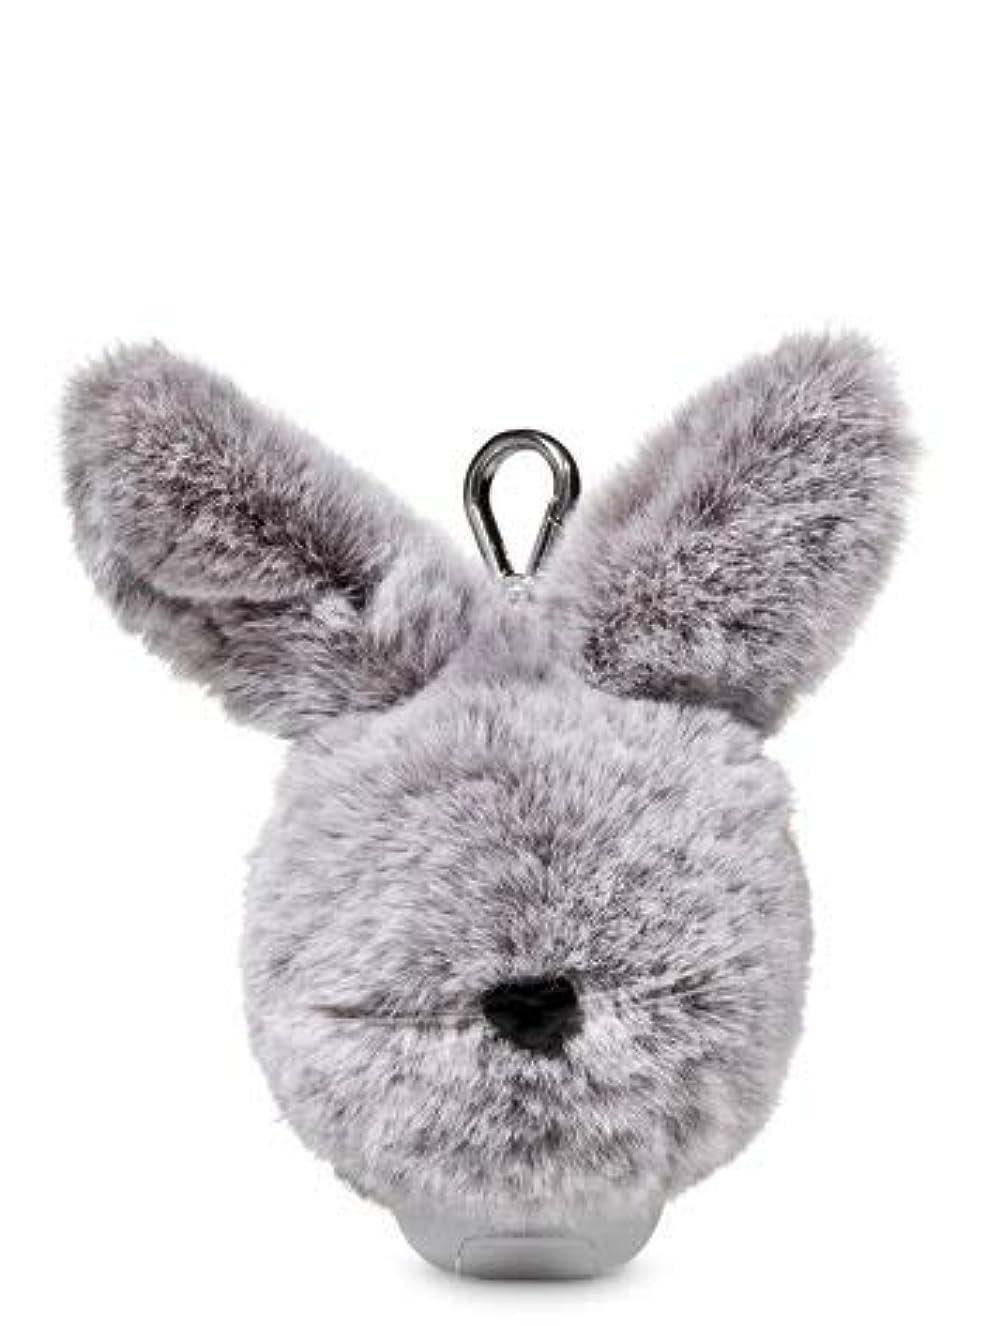 ハーネス地獄過半数【Bath&Body Works/バス&ボディワークス】 抗菌ハンドジェルホルダー イースターバニーポム Pocketbac Holder Easter Bunny Pom [並行輸入品]